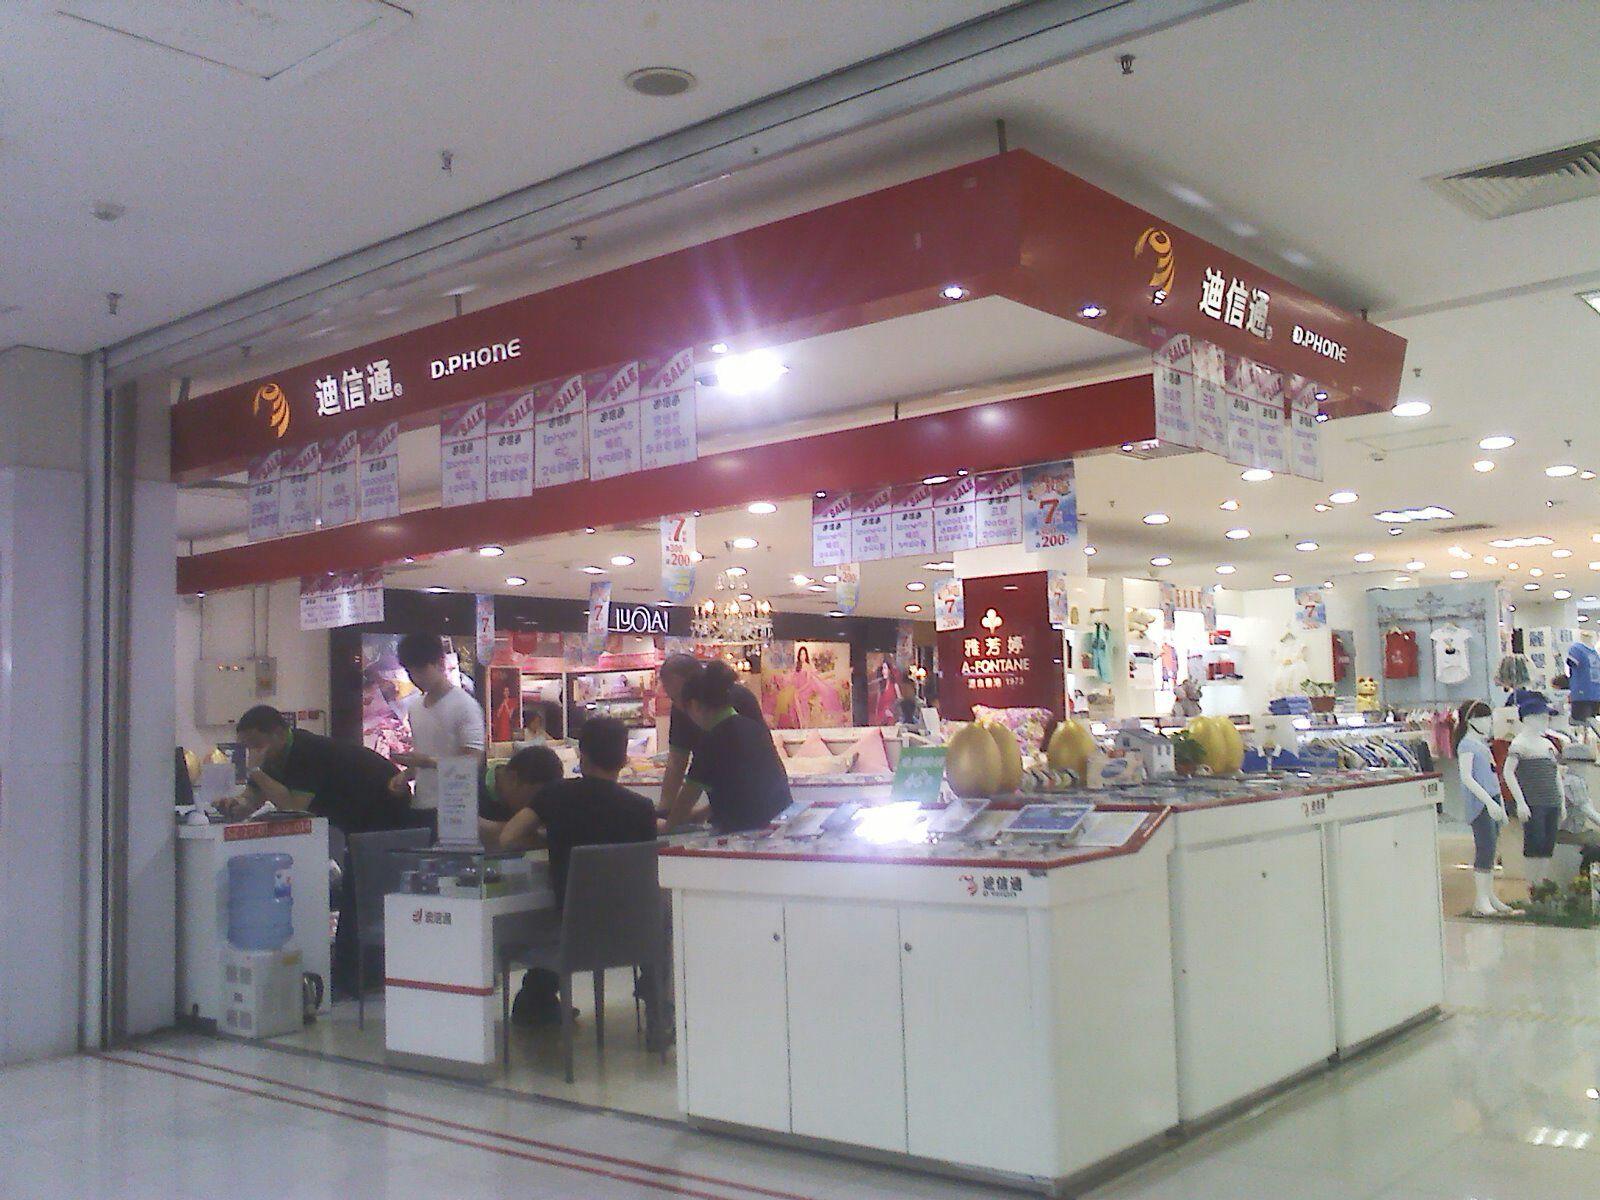 迪信通手机连锁(北京良乡华冠店)